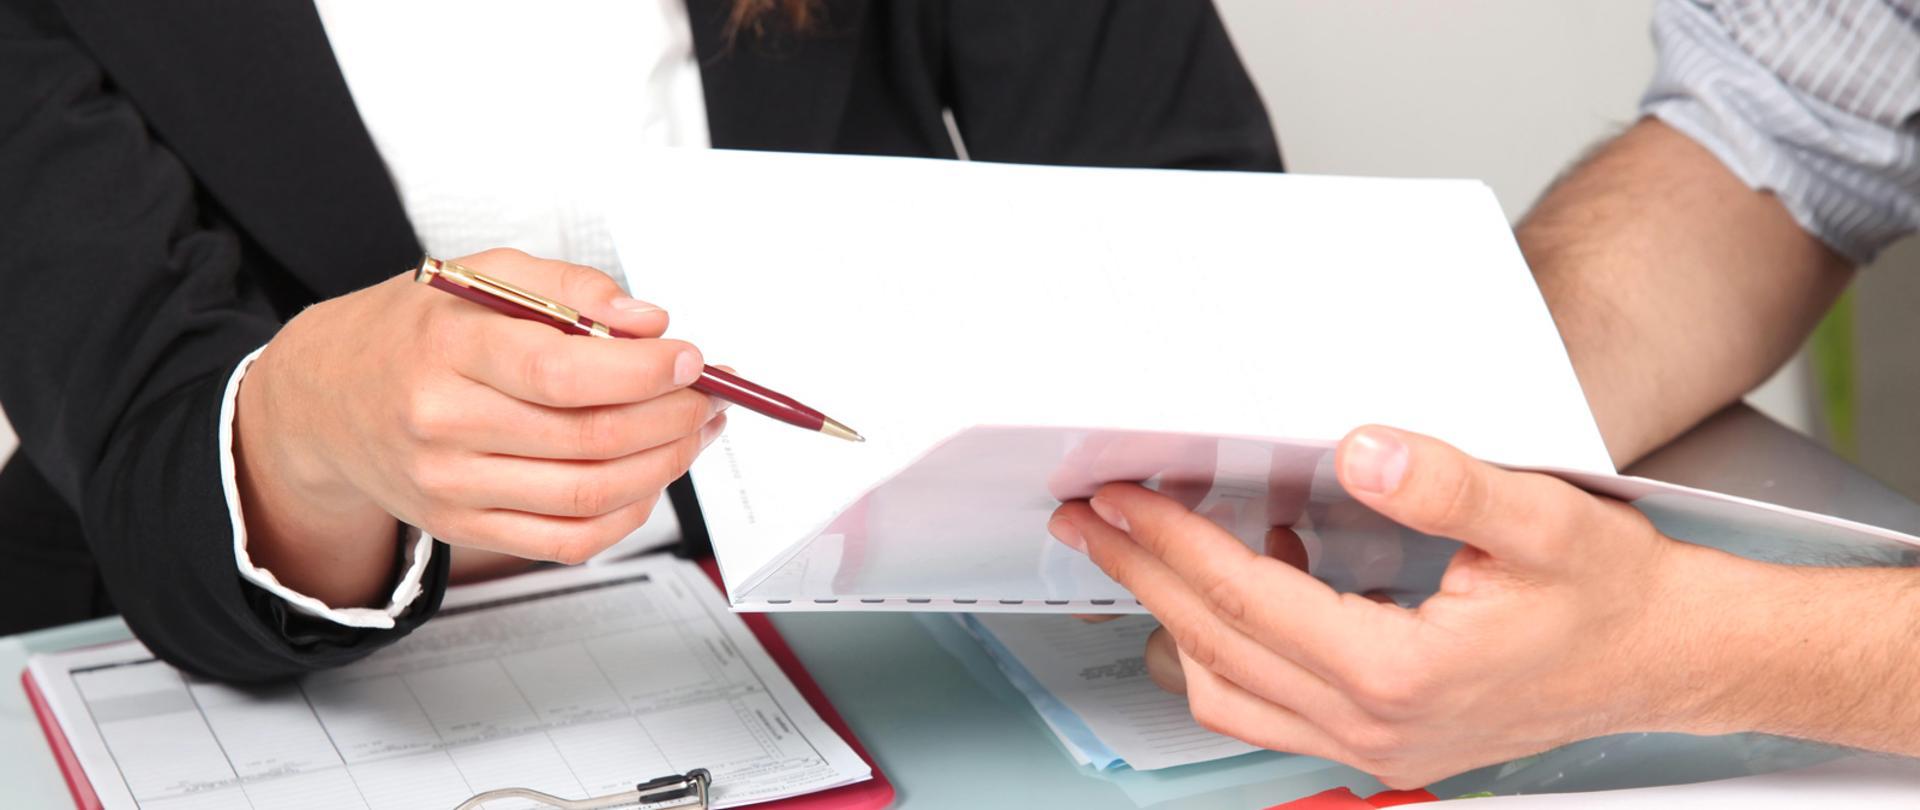 Dłonie dwóch osób, jedna długopisem wskazuje na dokument.